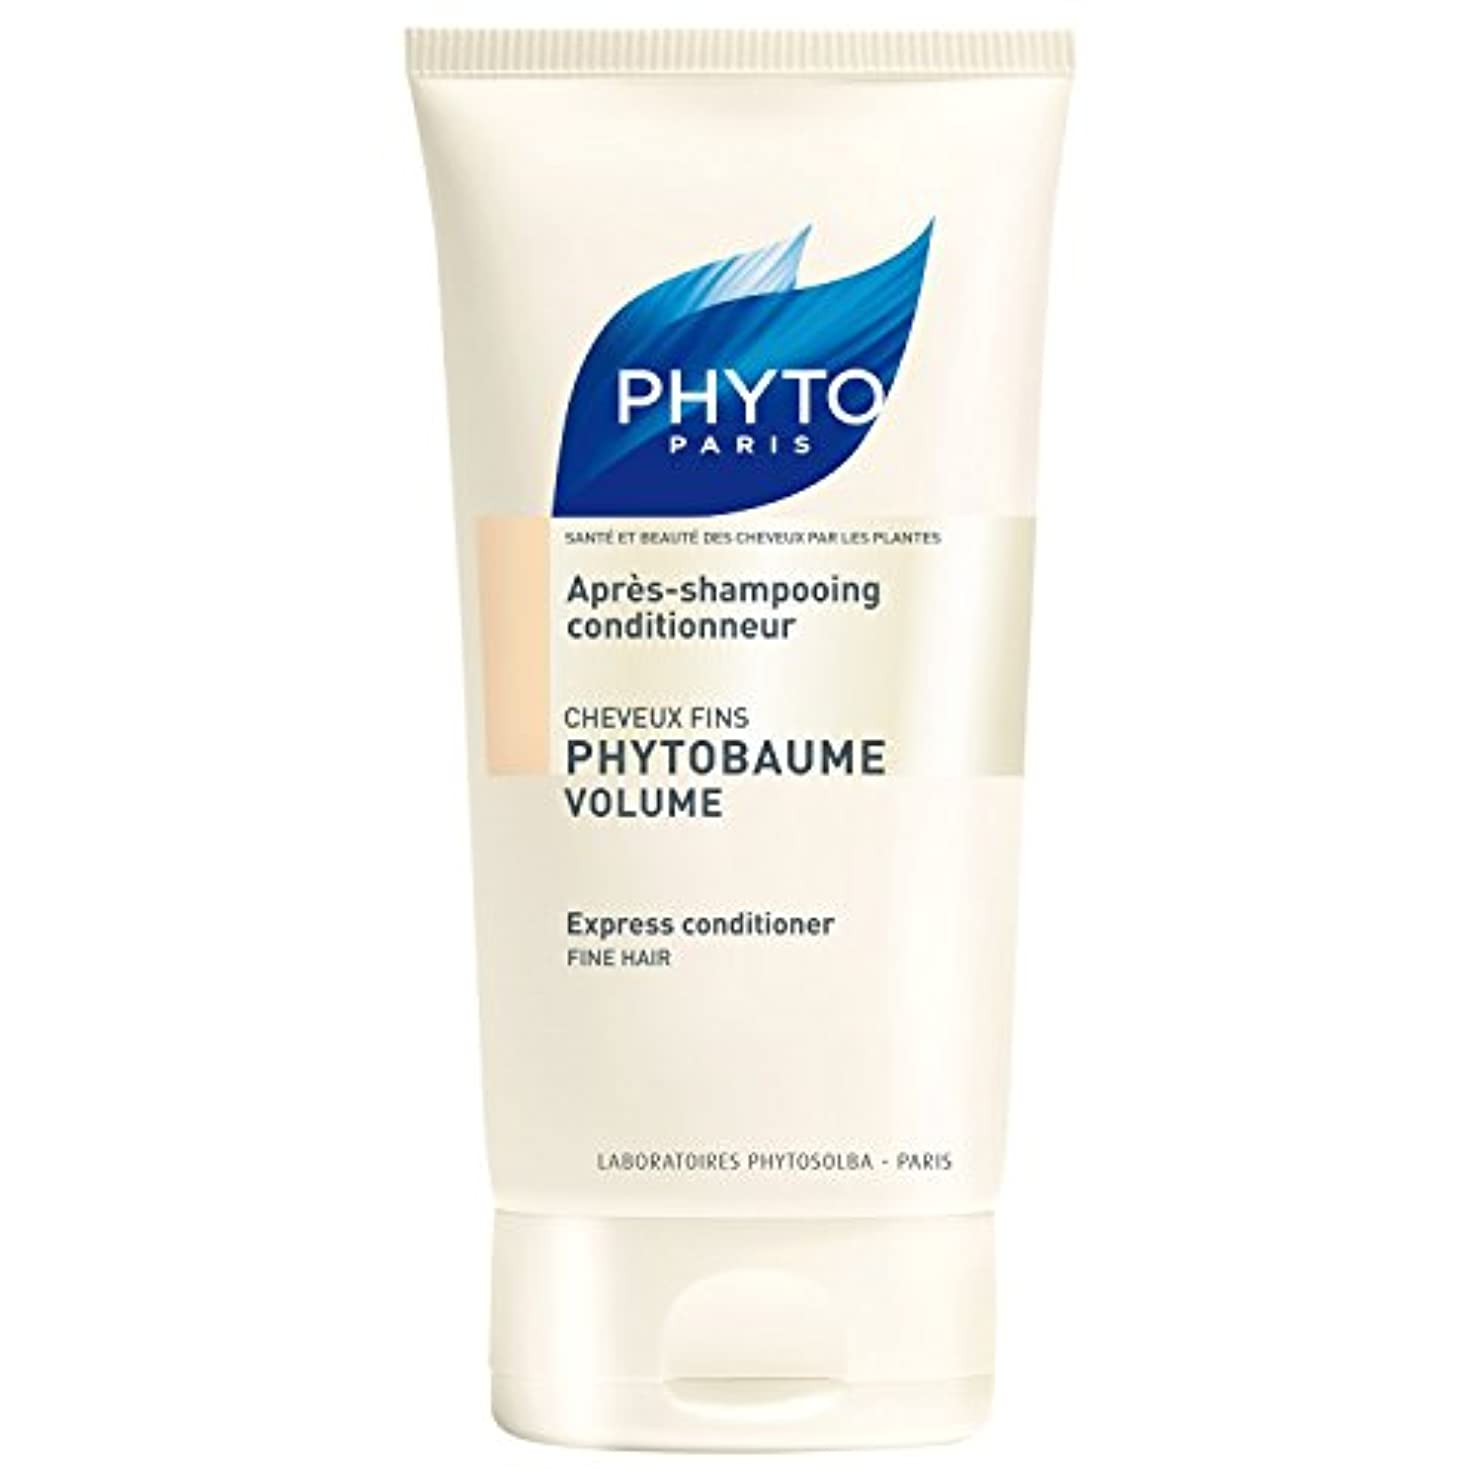 ビジター鋸歯状教細い髪の150ミリリットルのためのフィトPhytobaumeボリュームエクスプレスコンディショナー (Phyto) (x2) - Phyto Phytobaume Volume Express Conditioner for Fine Hair 150ml (Pack of 2) [並行輸入品]